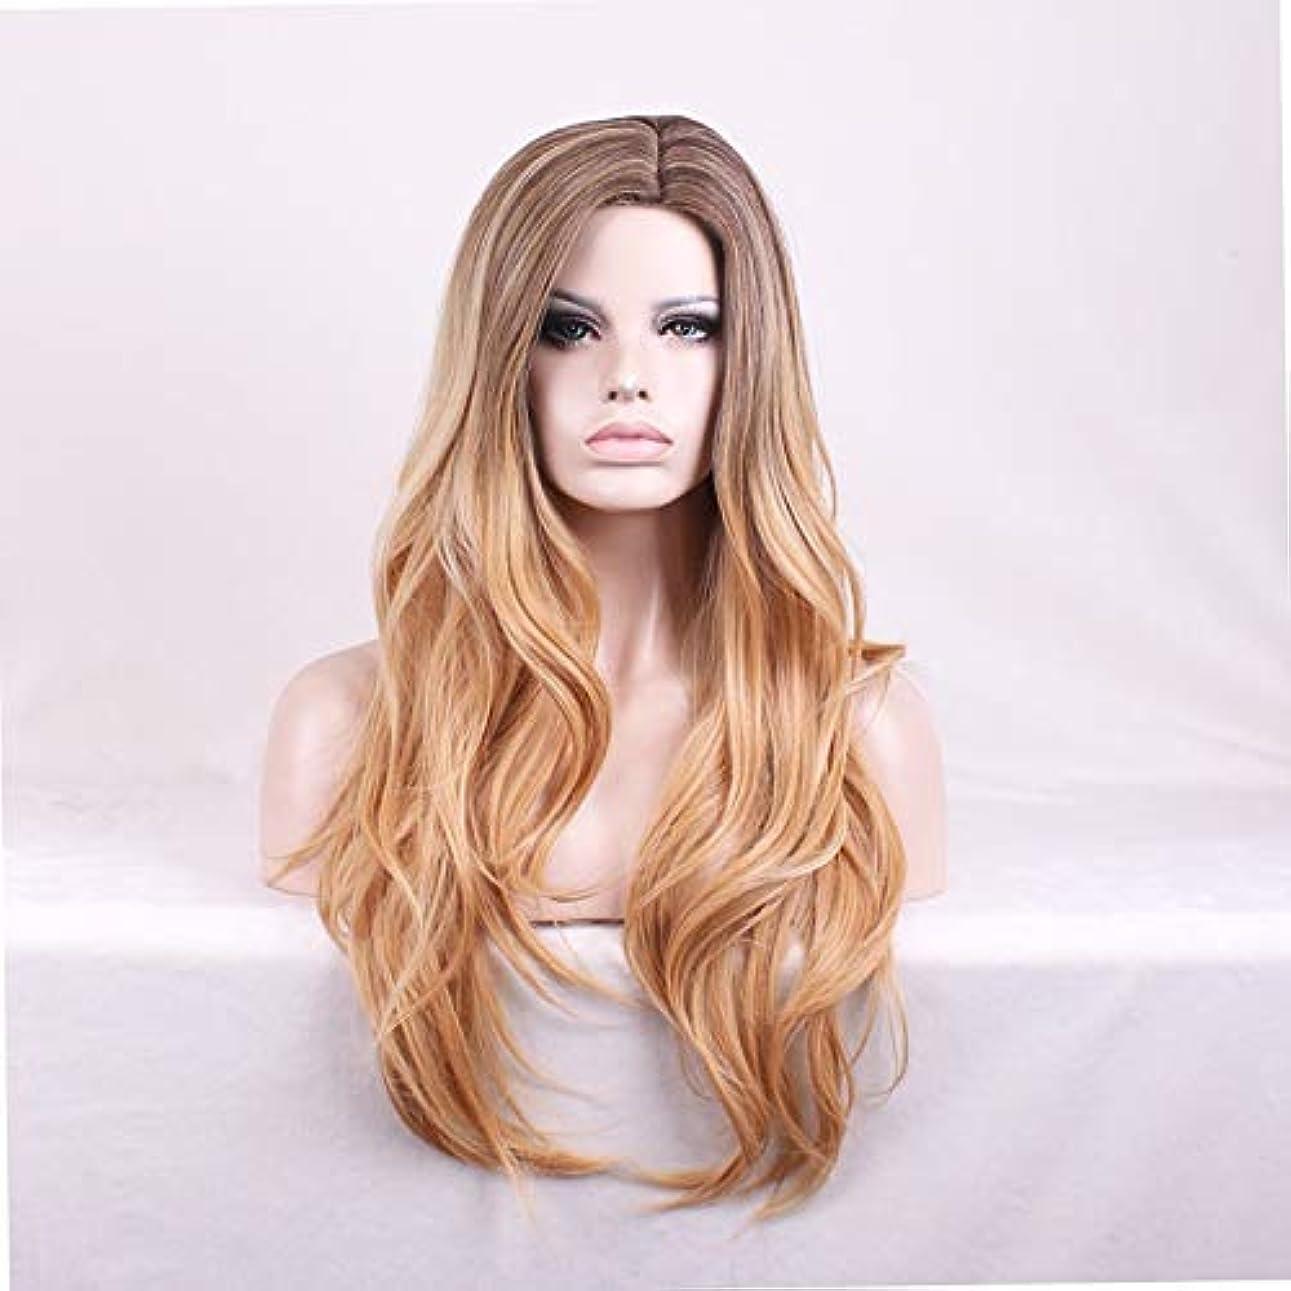 ラベルインタラクション近くかつらキャップウィッグロングファンシードレスカールウィッグ高品質の人工毛髪コスプレ高密度ウィッグ女性と女の子用ブラウンゴールドグラデーション